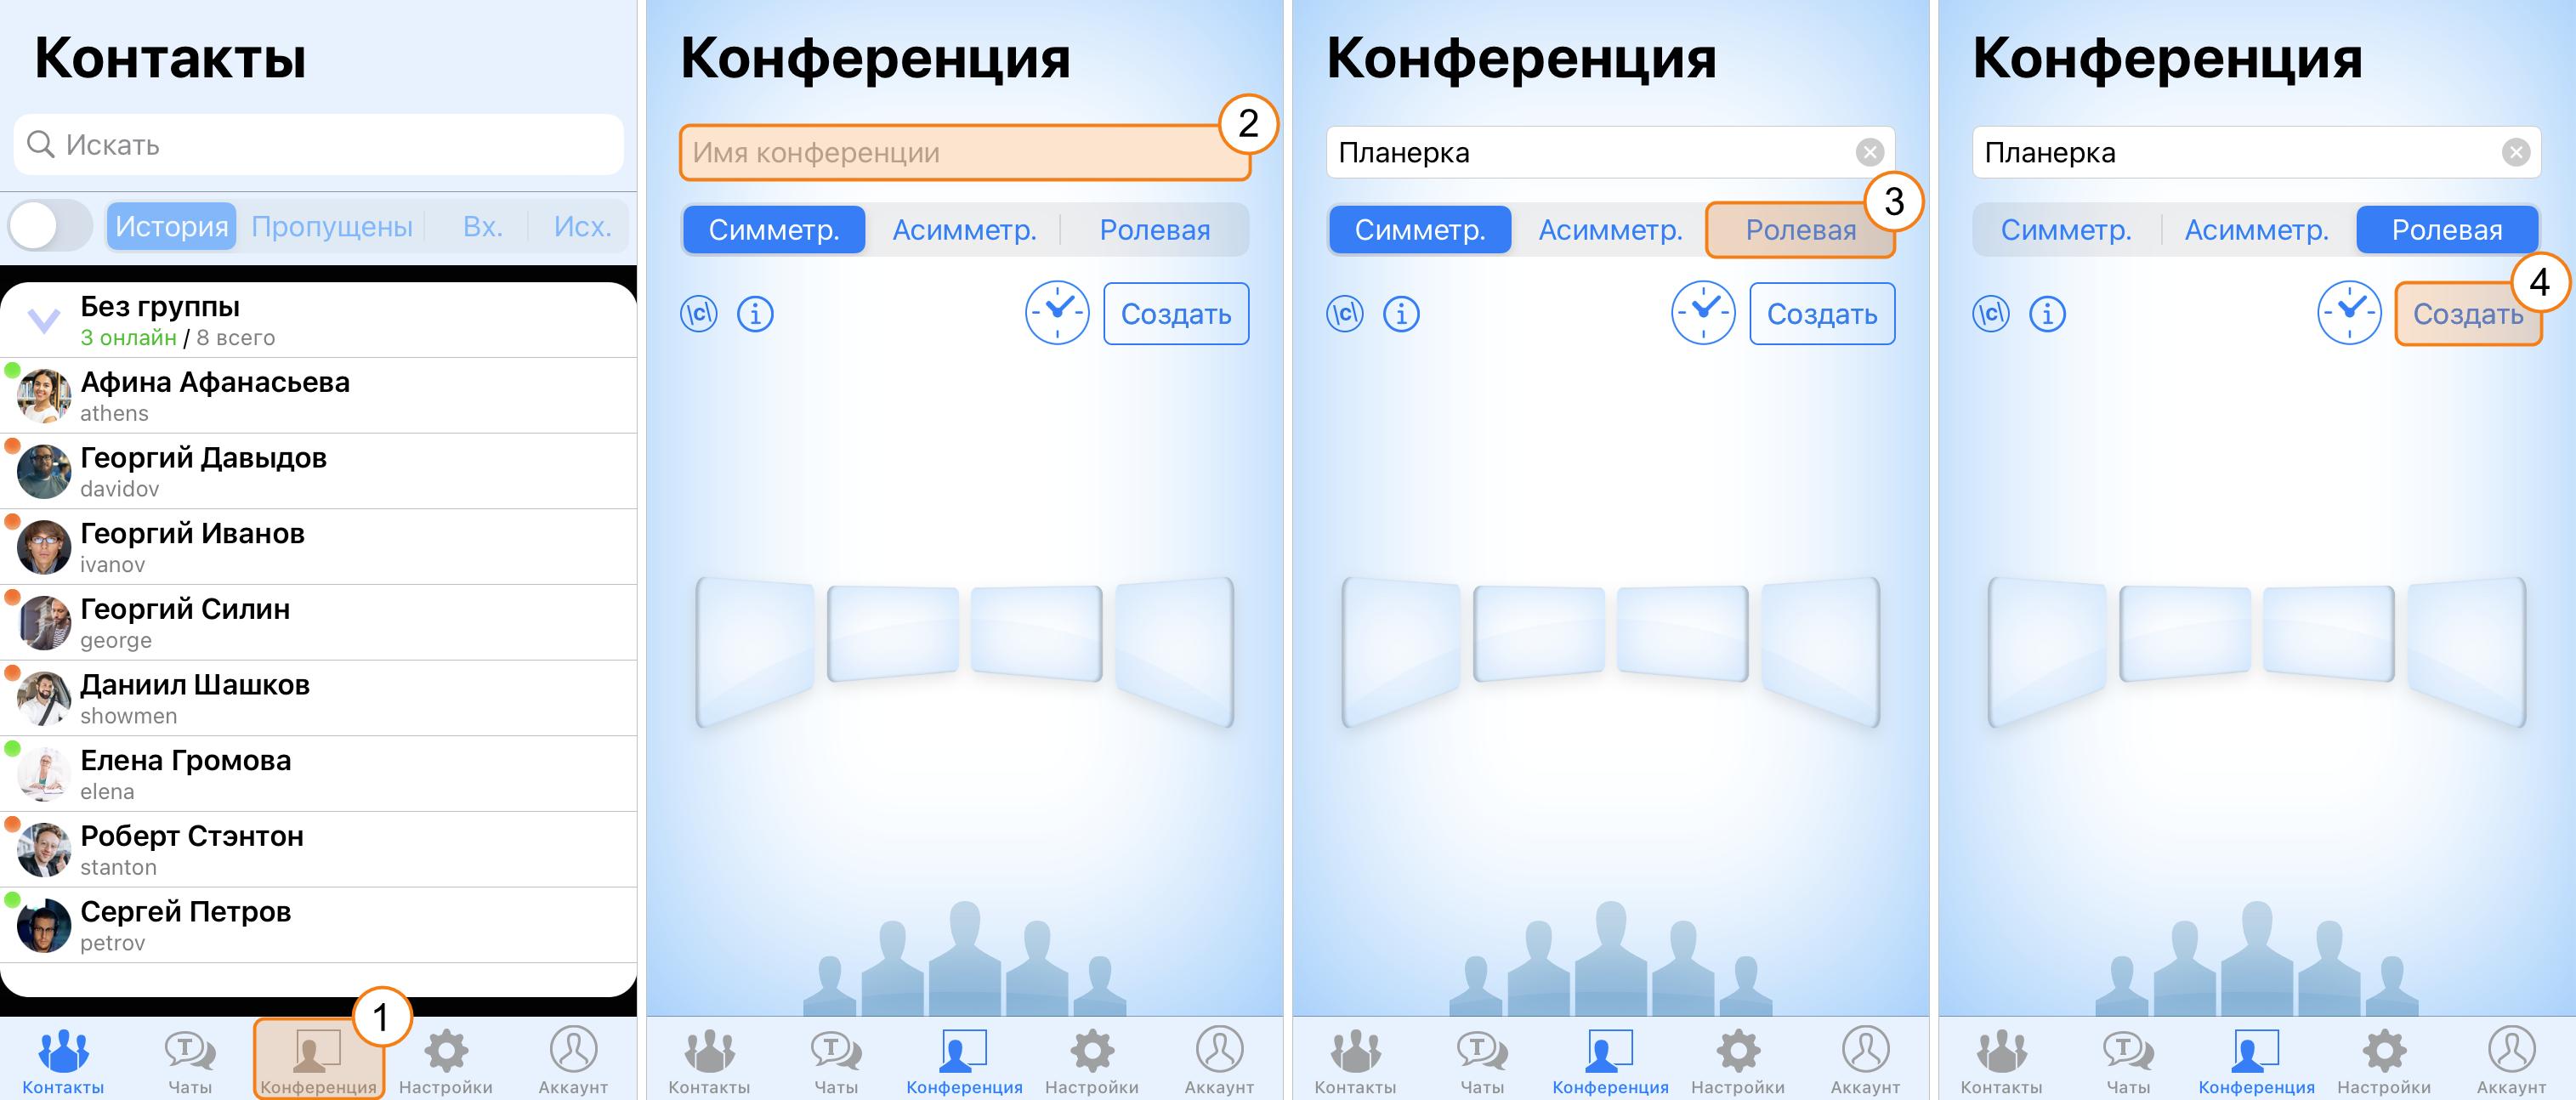 Персональные и групповые конференции в приложении для iOS 2